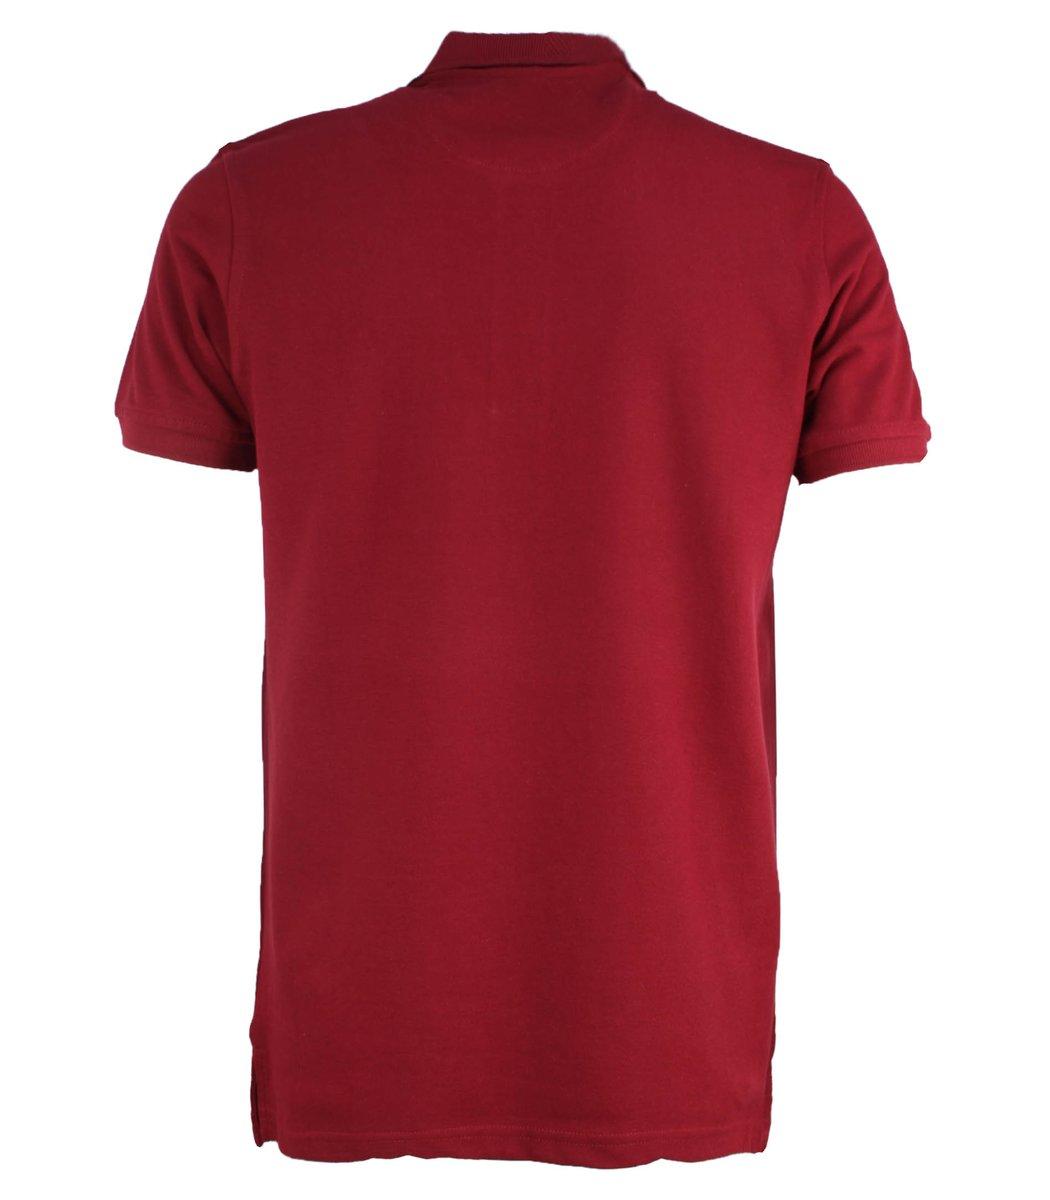 Бордовая футболка поло Ralph Lauren R1